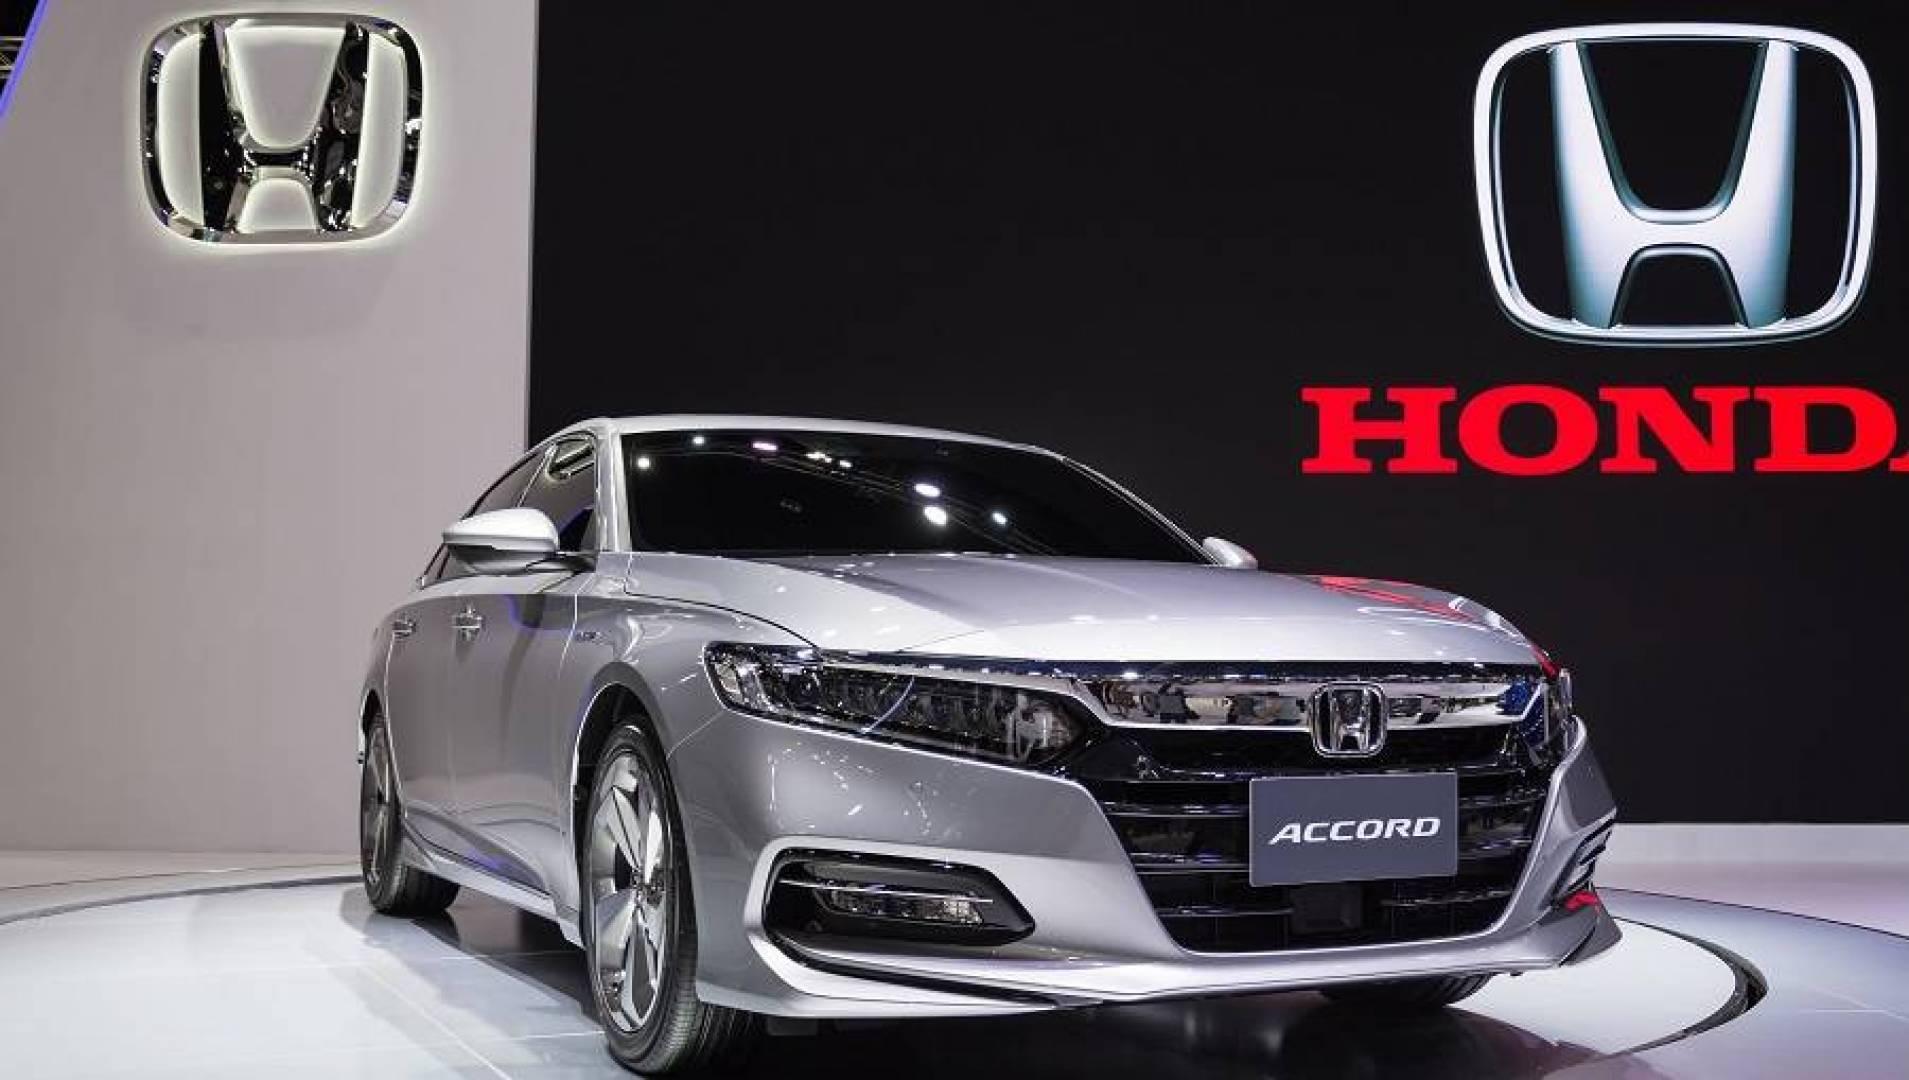 هوندا چشمانداز فروش را کاهش داد